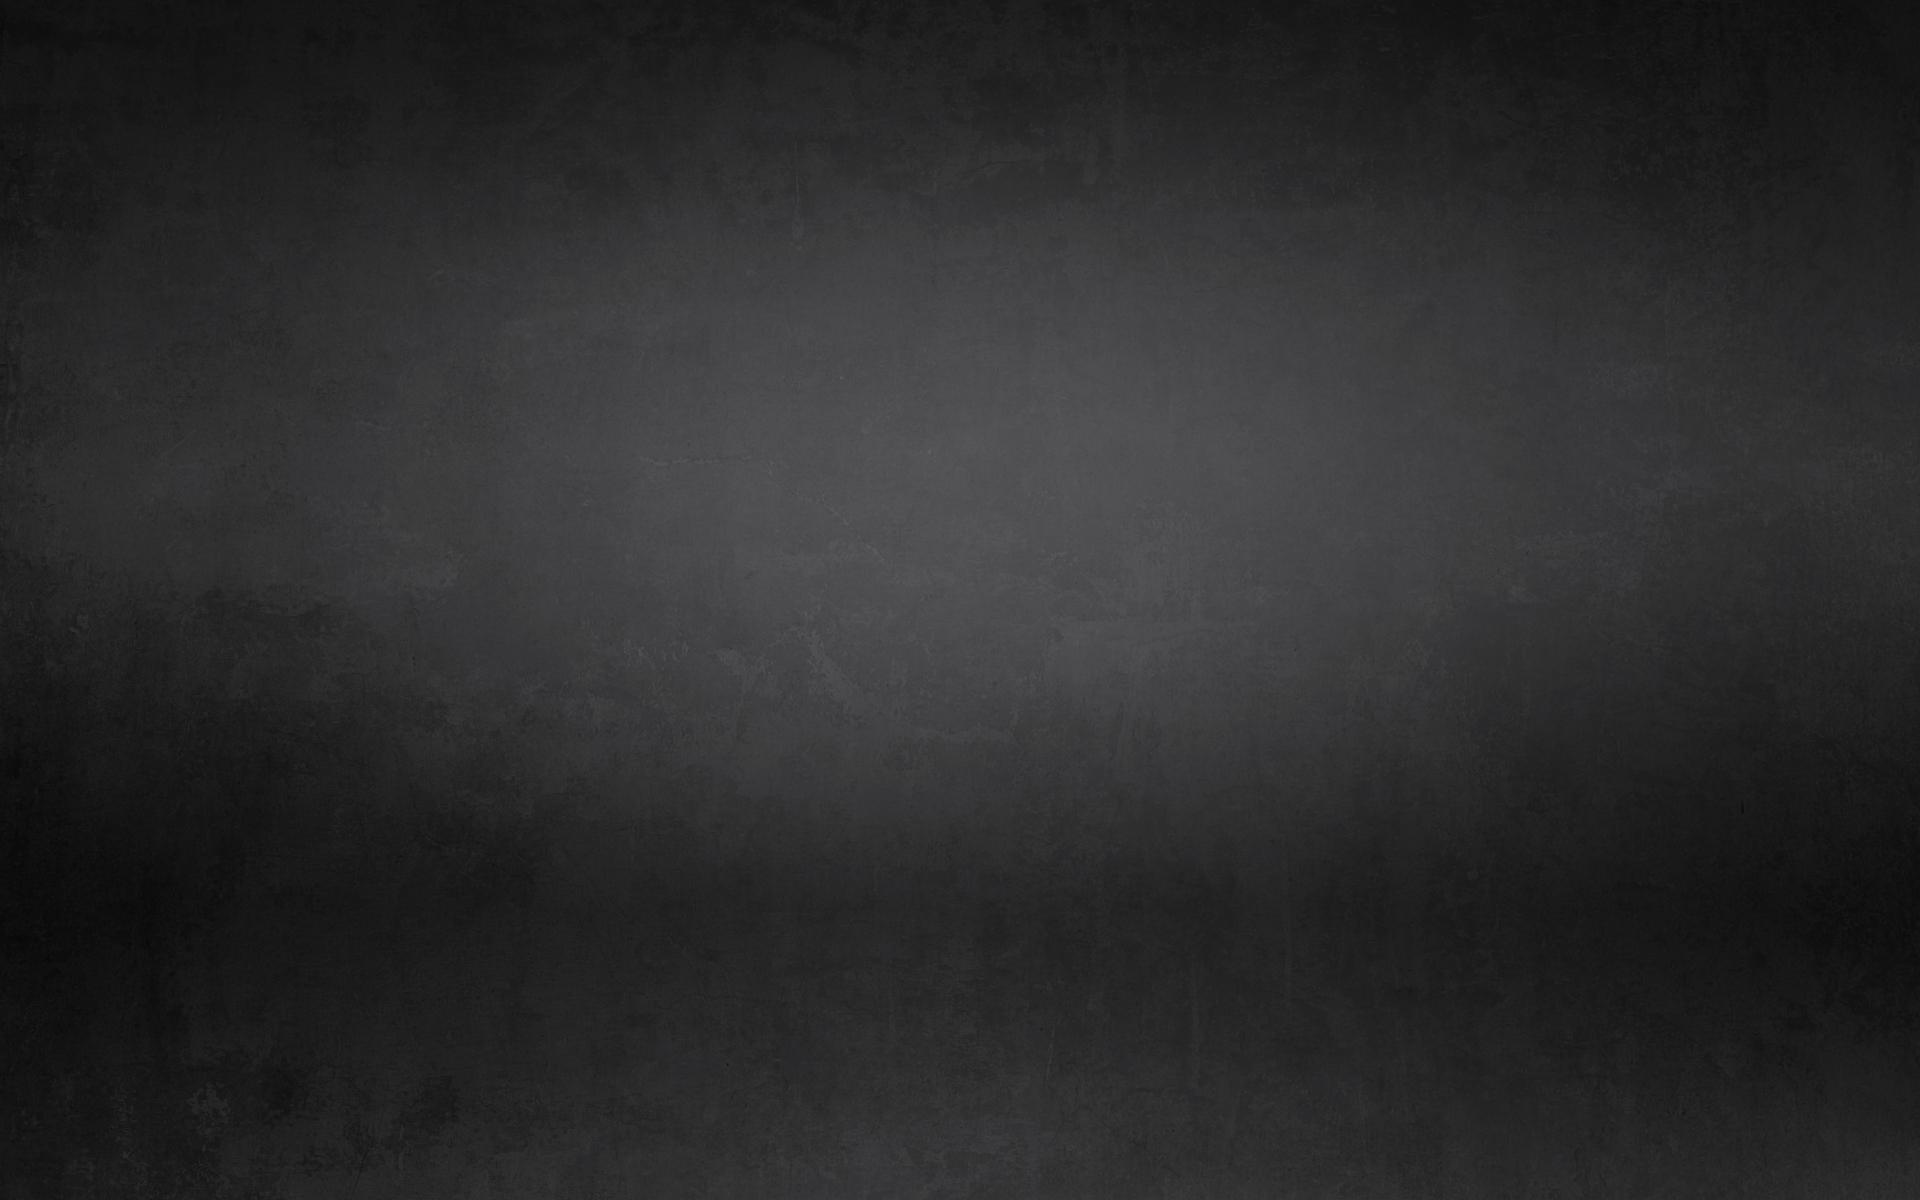 dark grunge wallpaper 46682